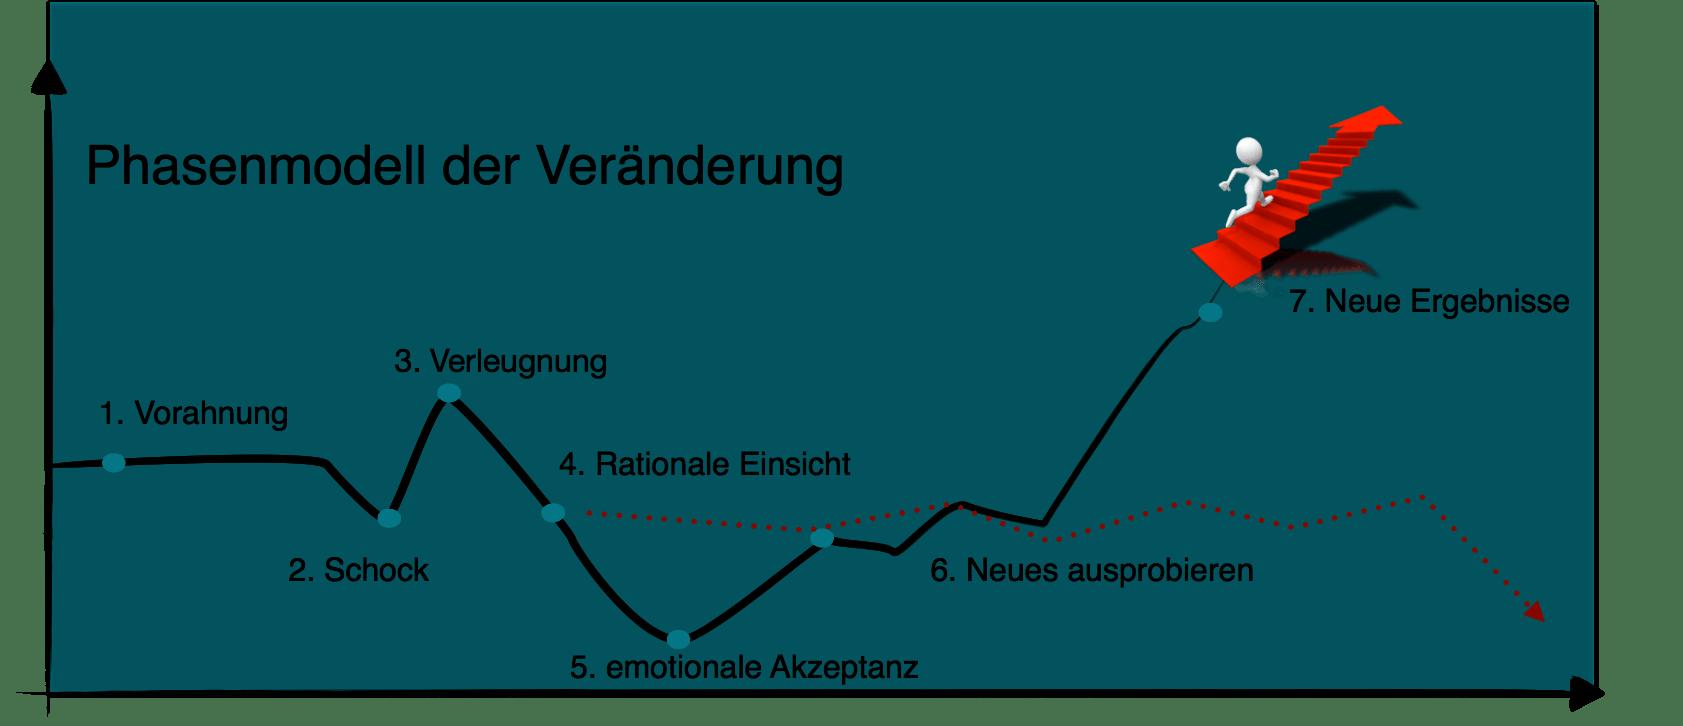 Phasenmodell der Veränderung